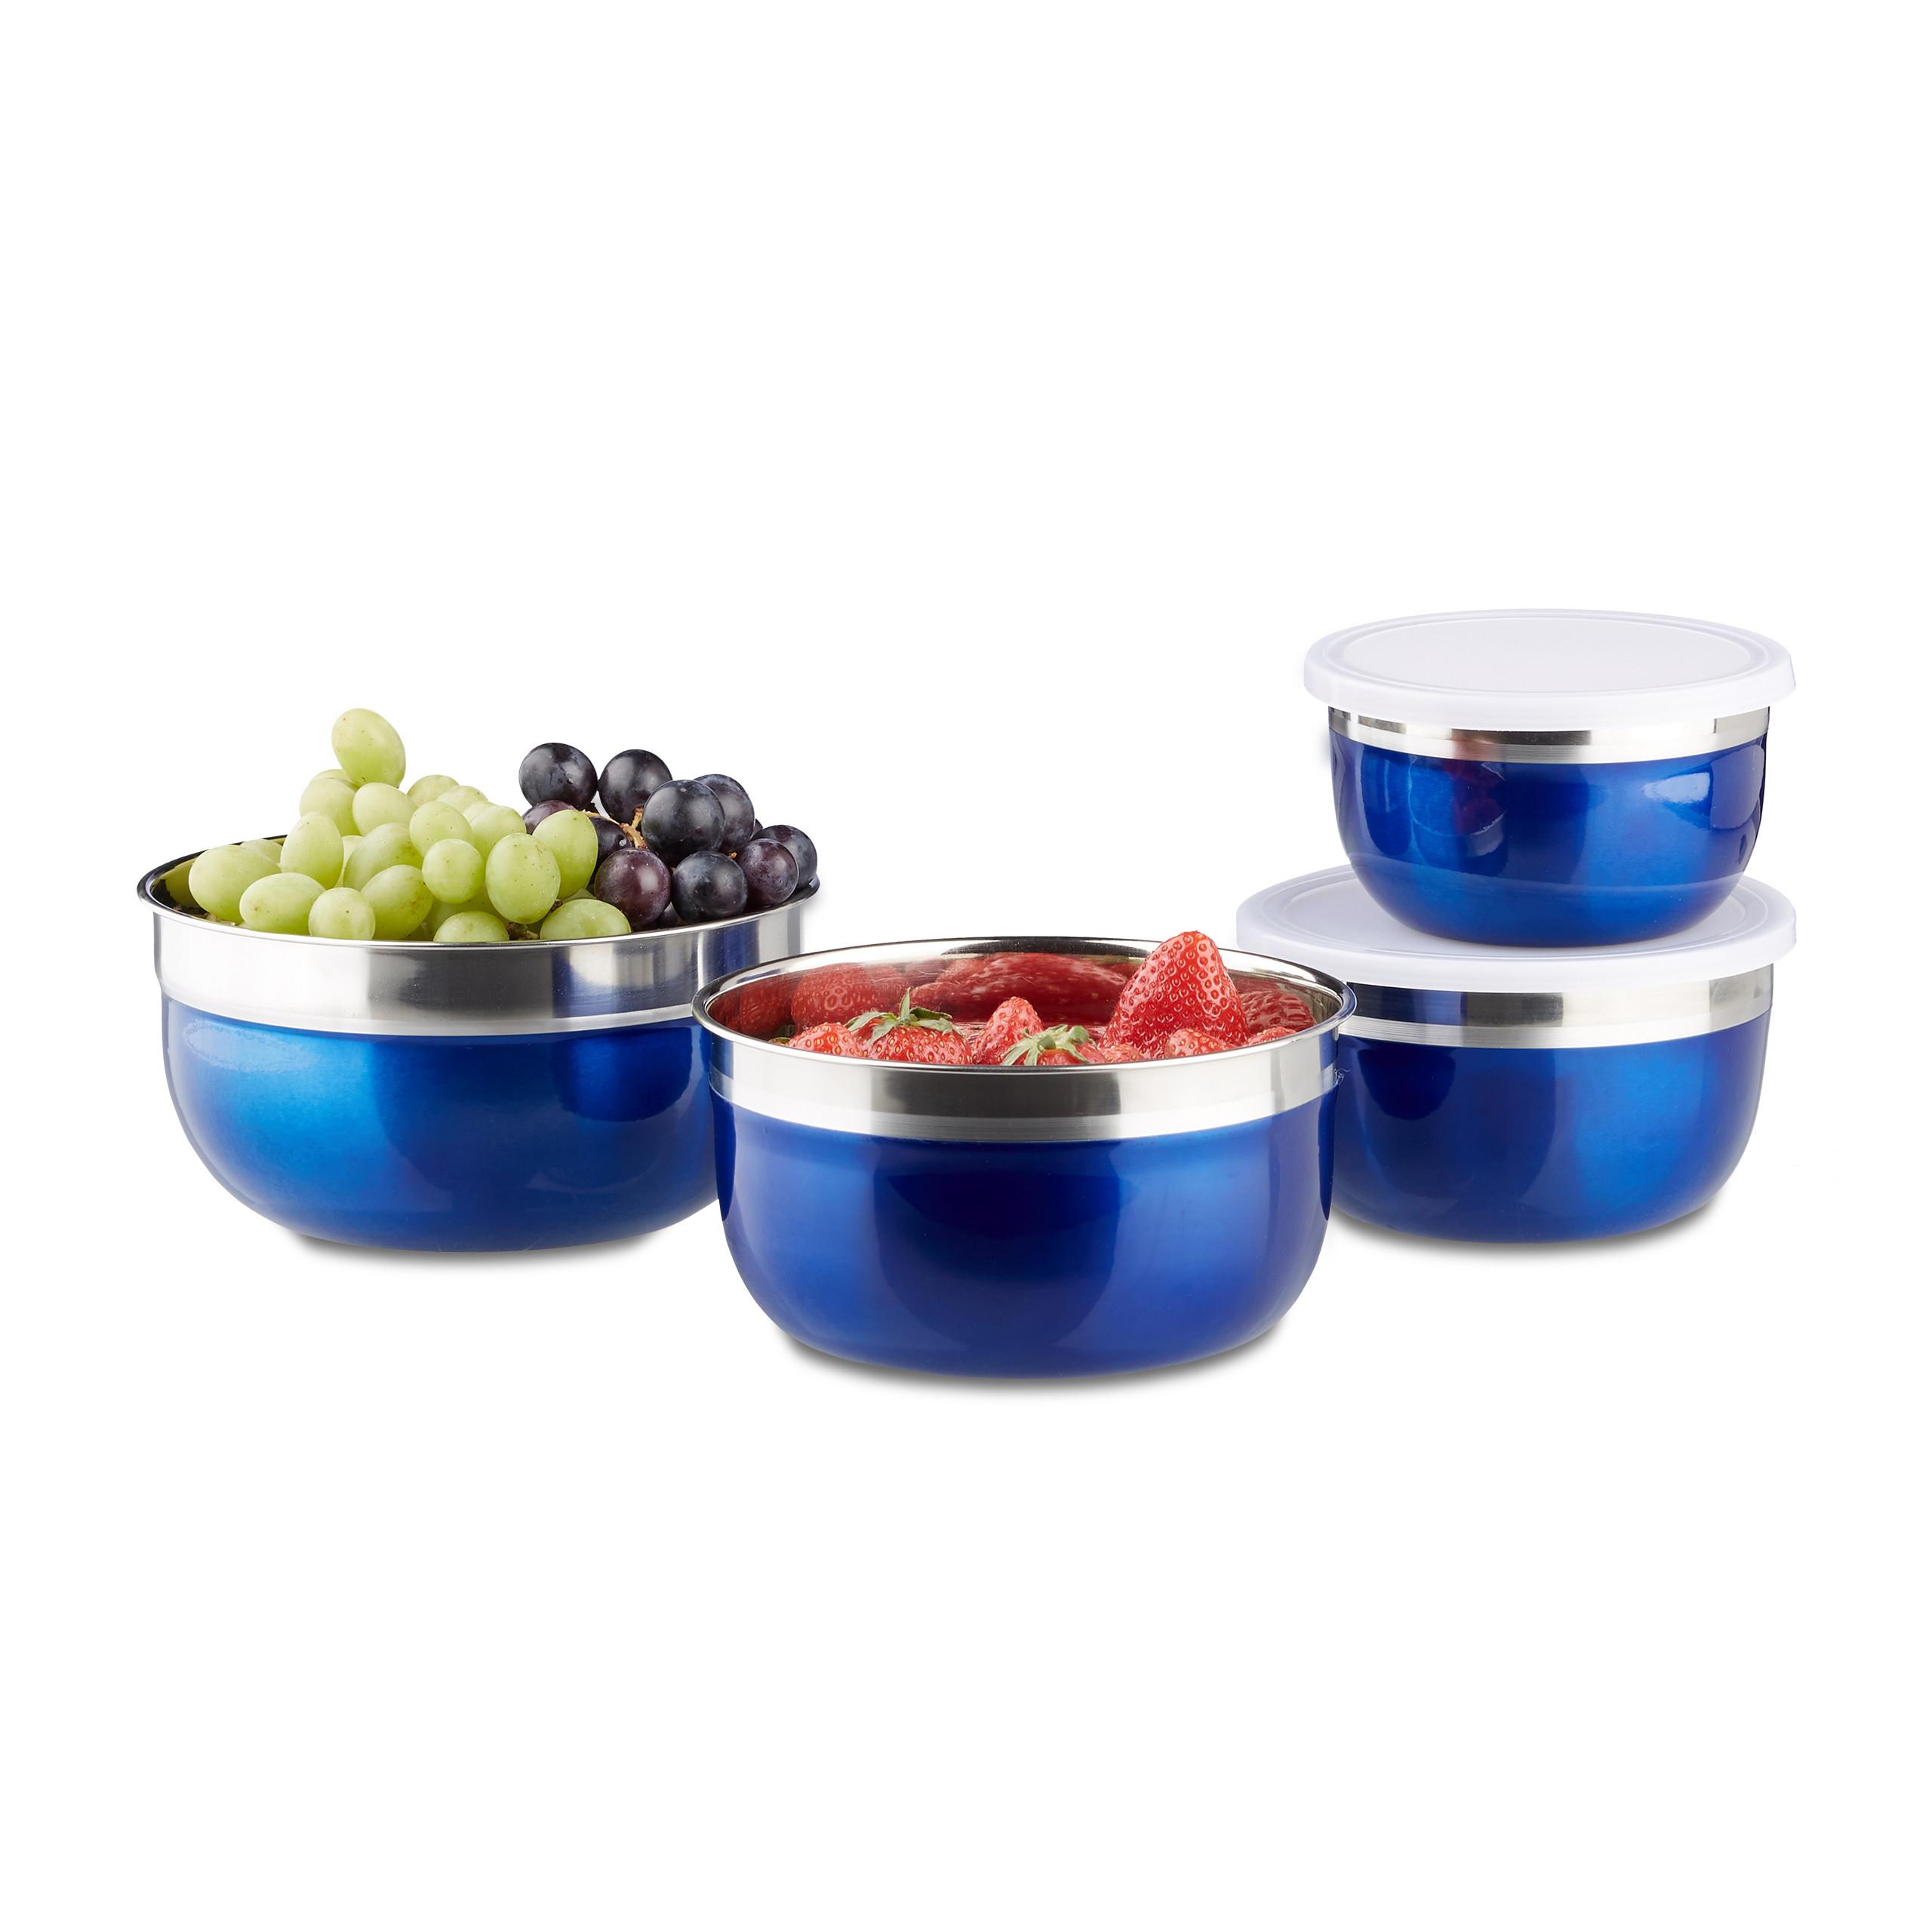 Schüssel Set mit Deckel, 4 Edelstahlschüsseln, Teigschüssel, Küchen Vorratsdosen